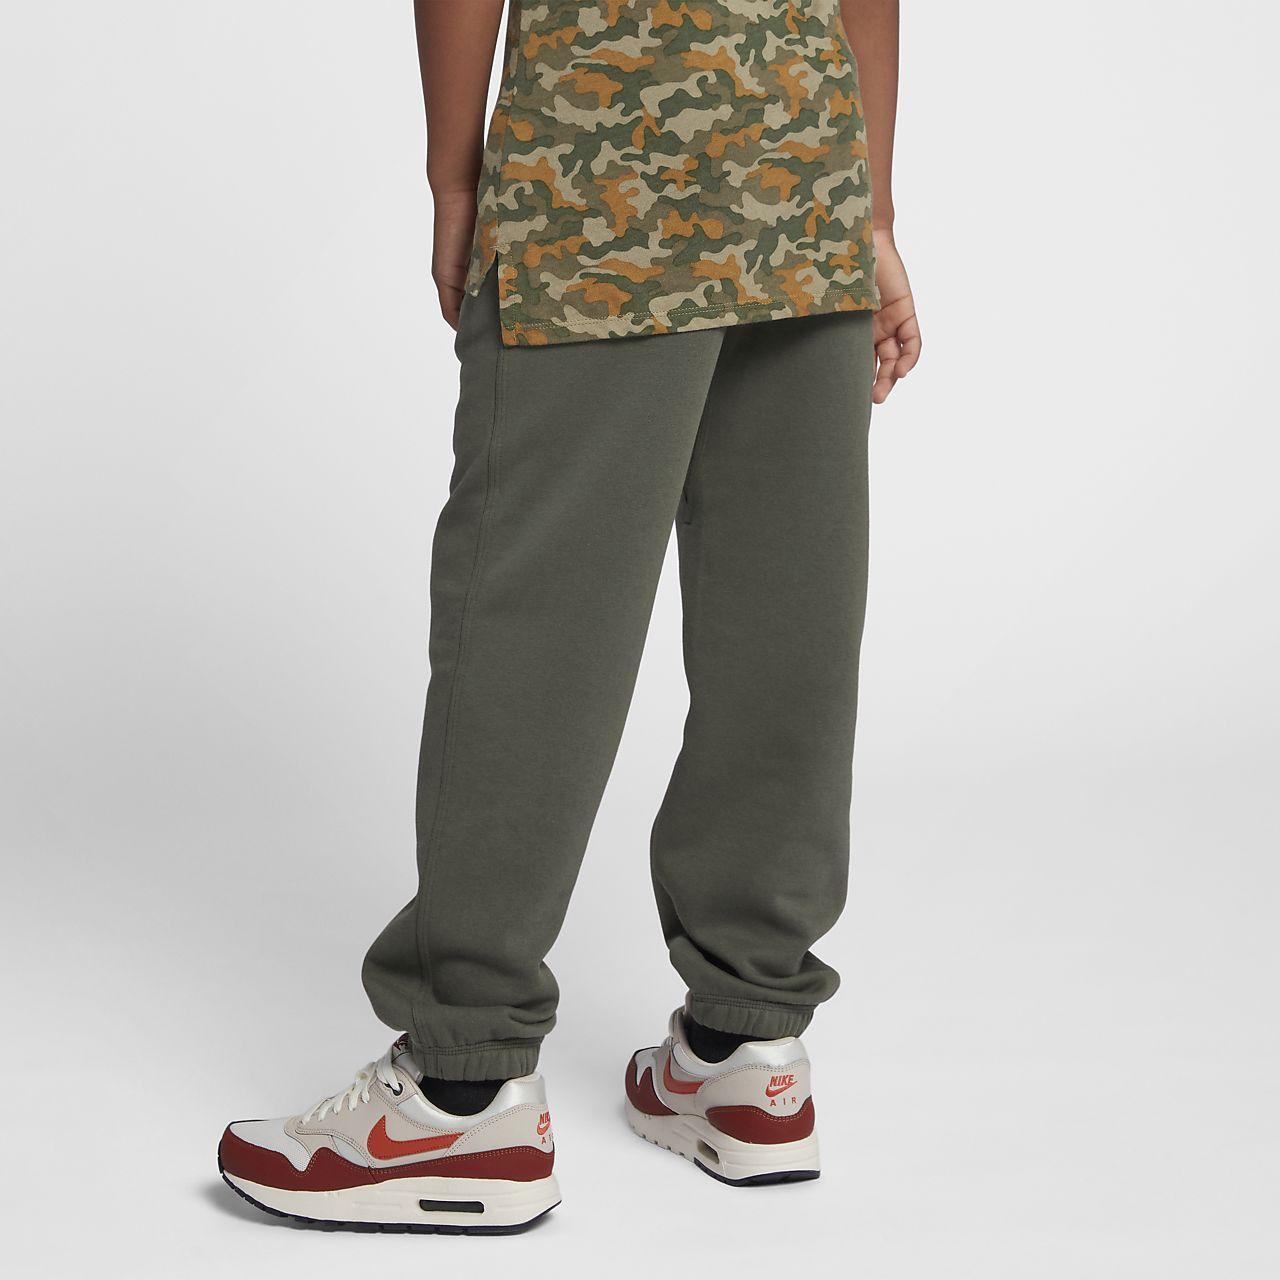 Joggingbroek Voor Jongens.Nike Brushed Fleece Cuffed Joggingbroek Jongens Nike Com Be